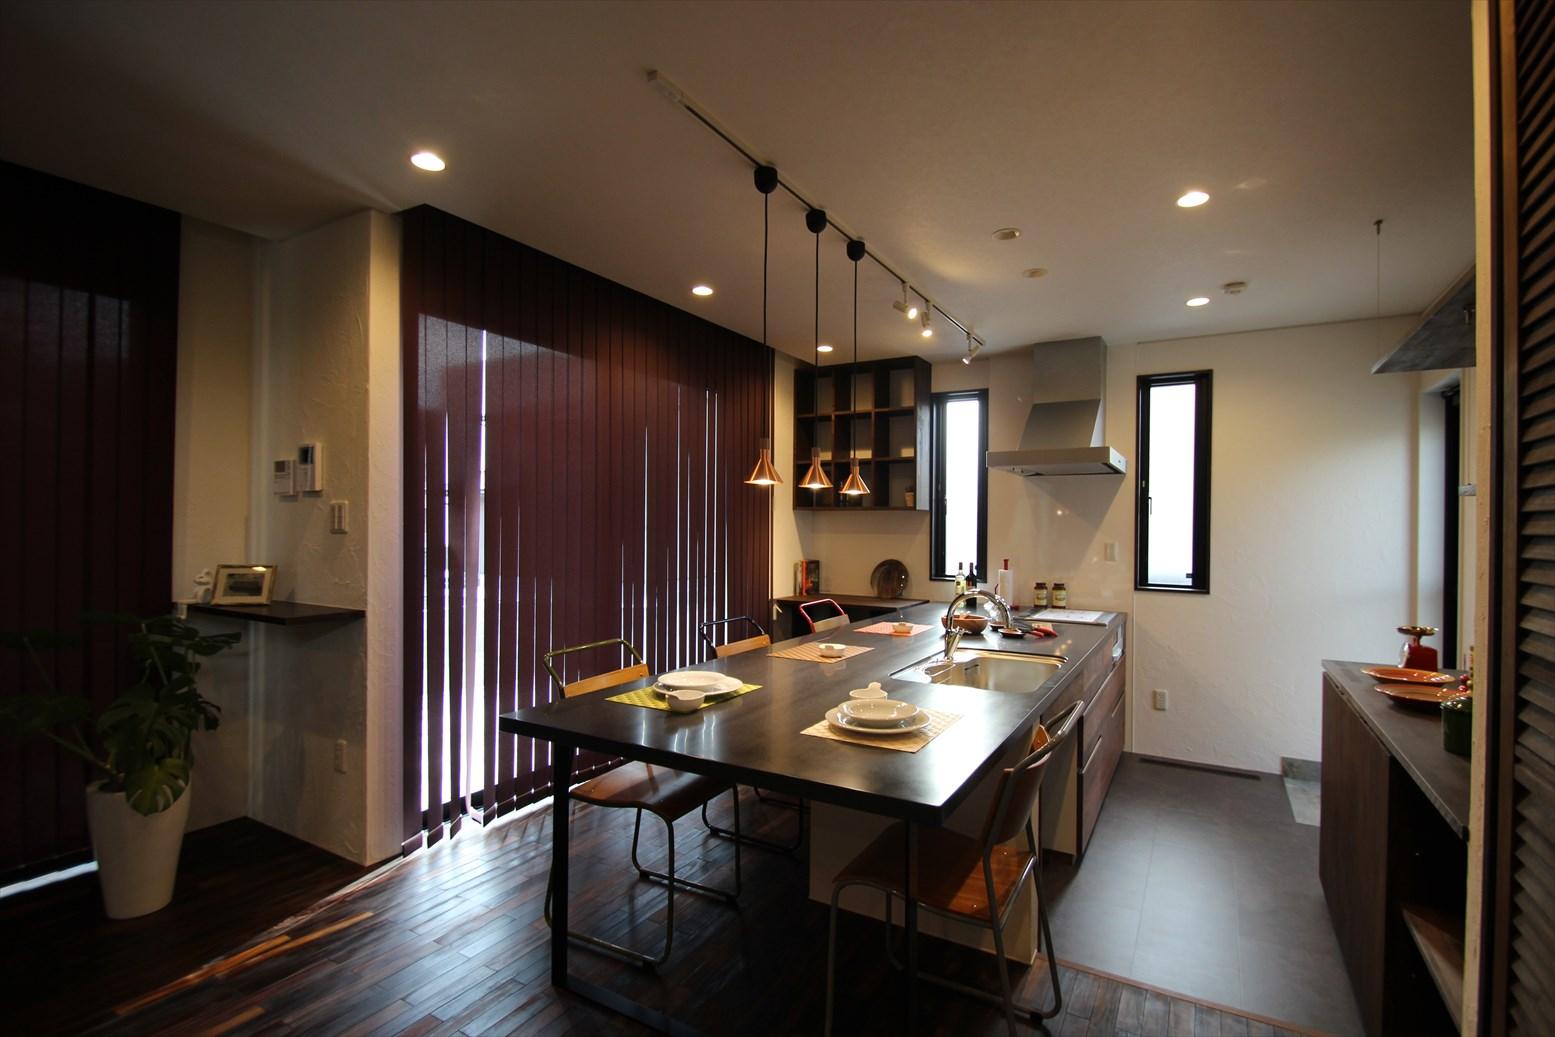 バリスタイルの家|石川県金沢市の注文住宅・デザイン性・新築の家・戸建て|E-HOUSE